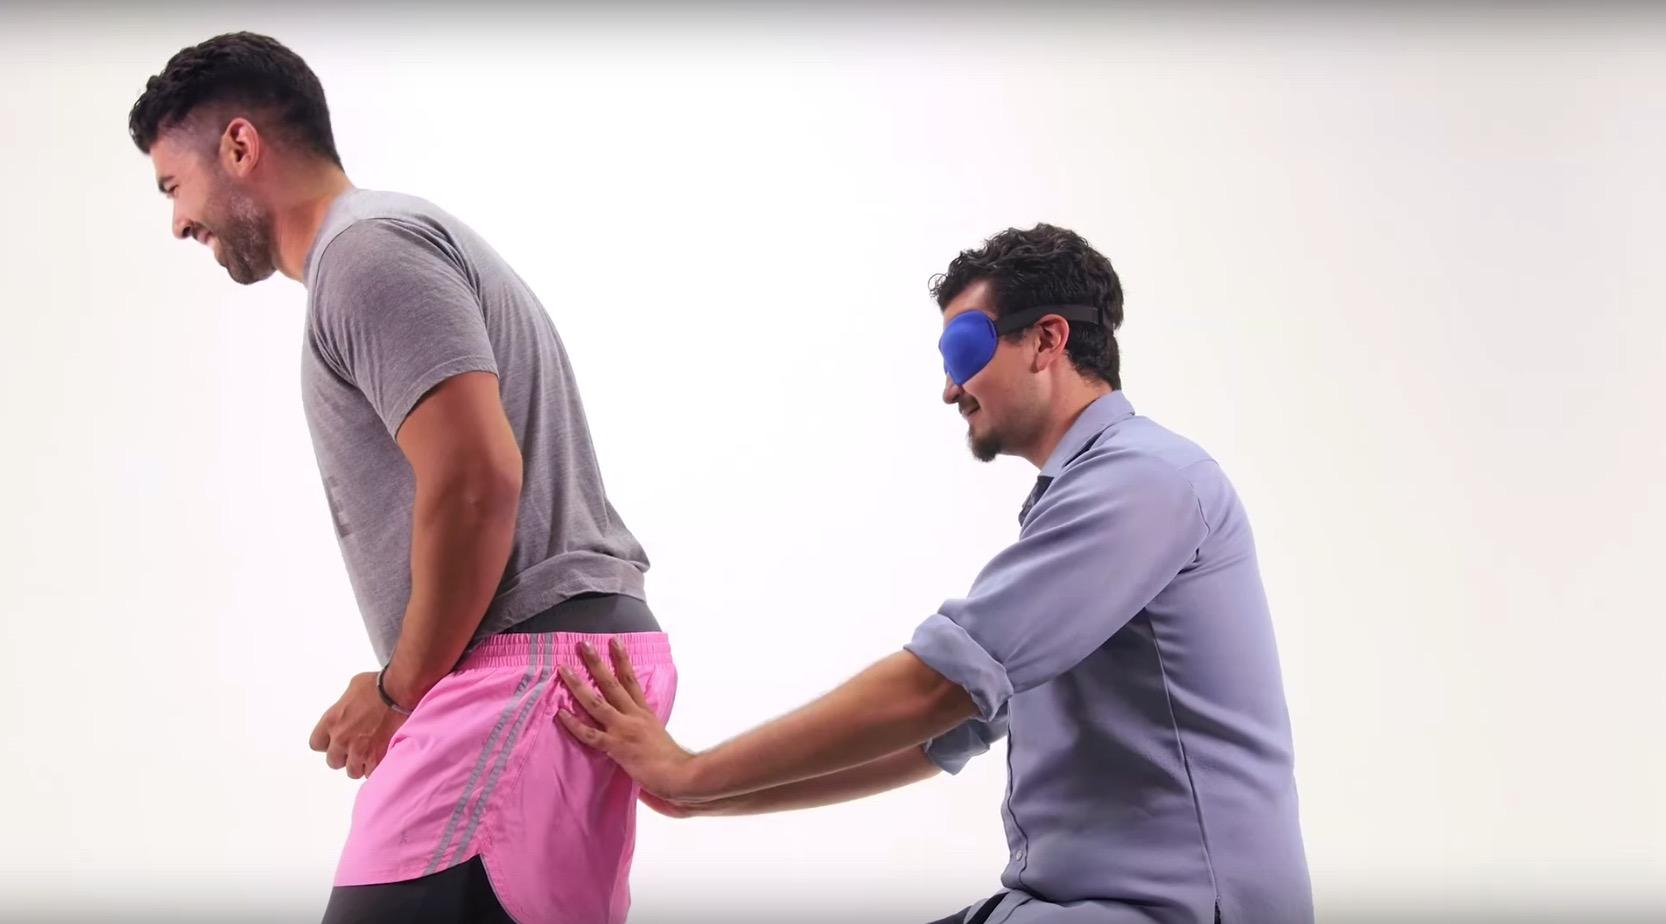 他們被矇上眼睛,然後需要猜出摸到的是男生屁股還是女生屁股。